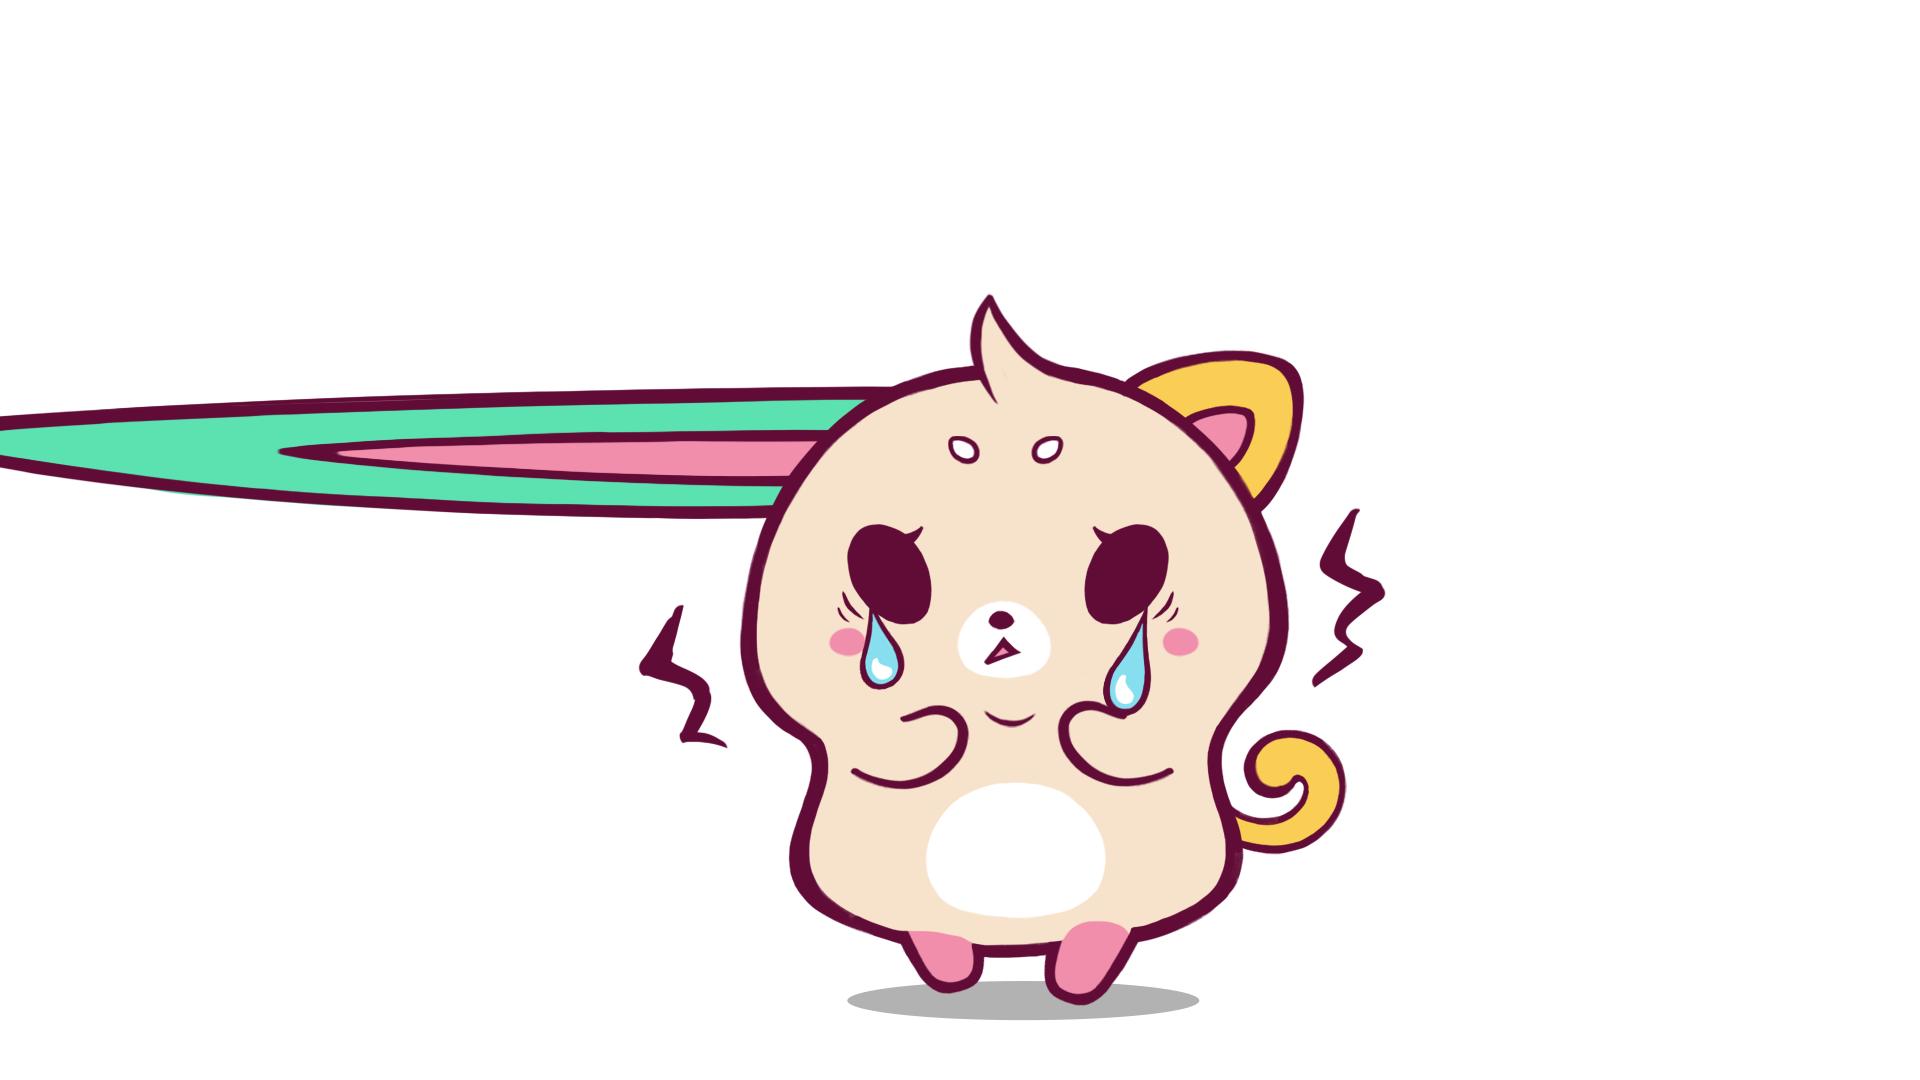 【欲望の塊ミエコ】耳が、びよーん?!